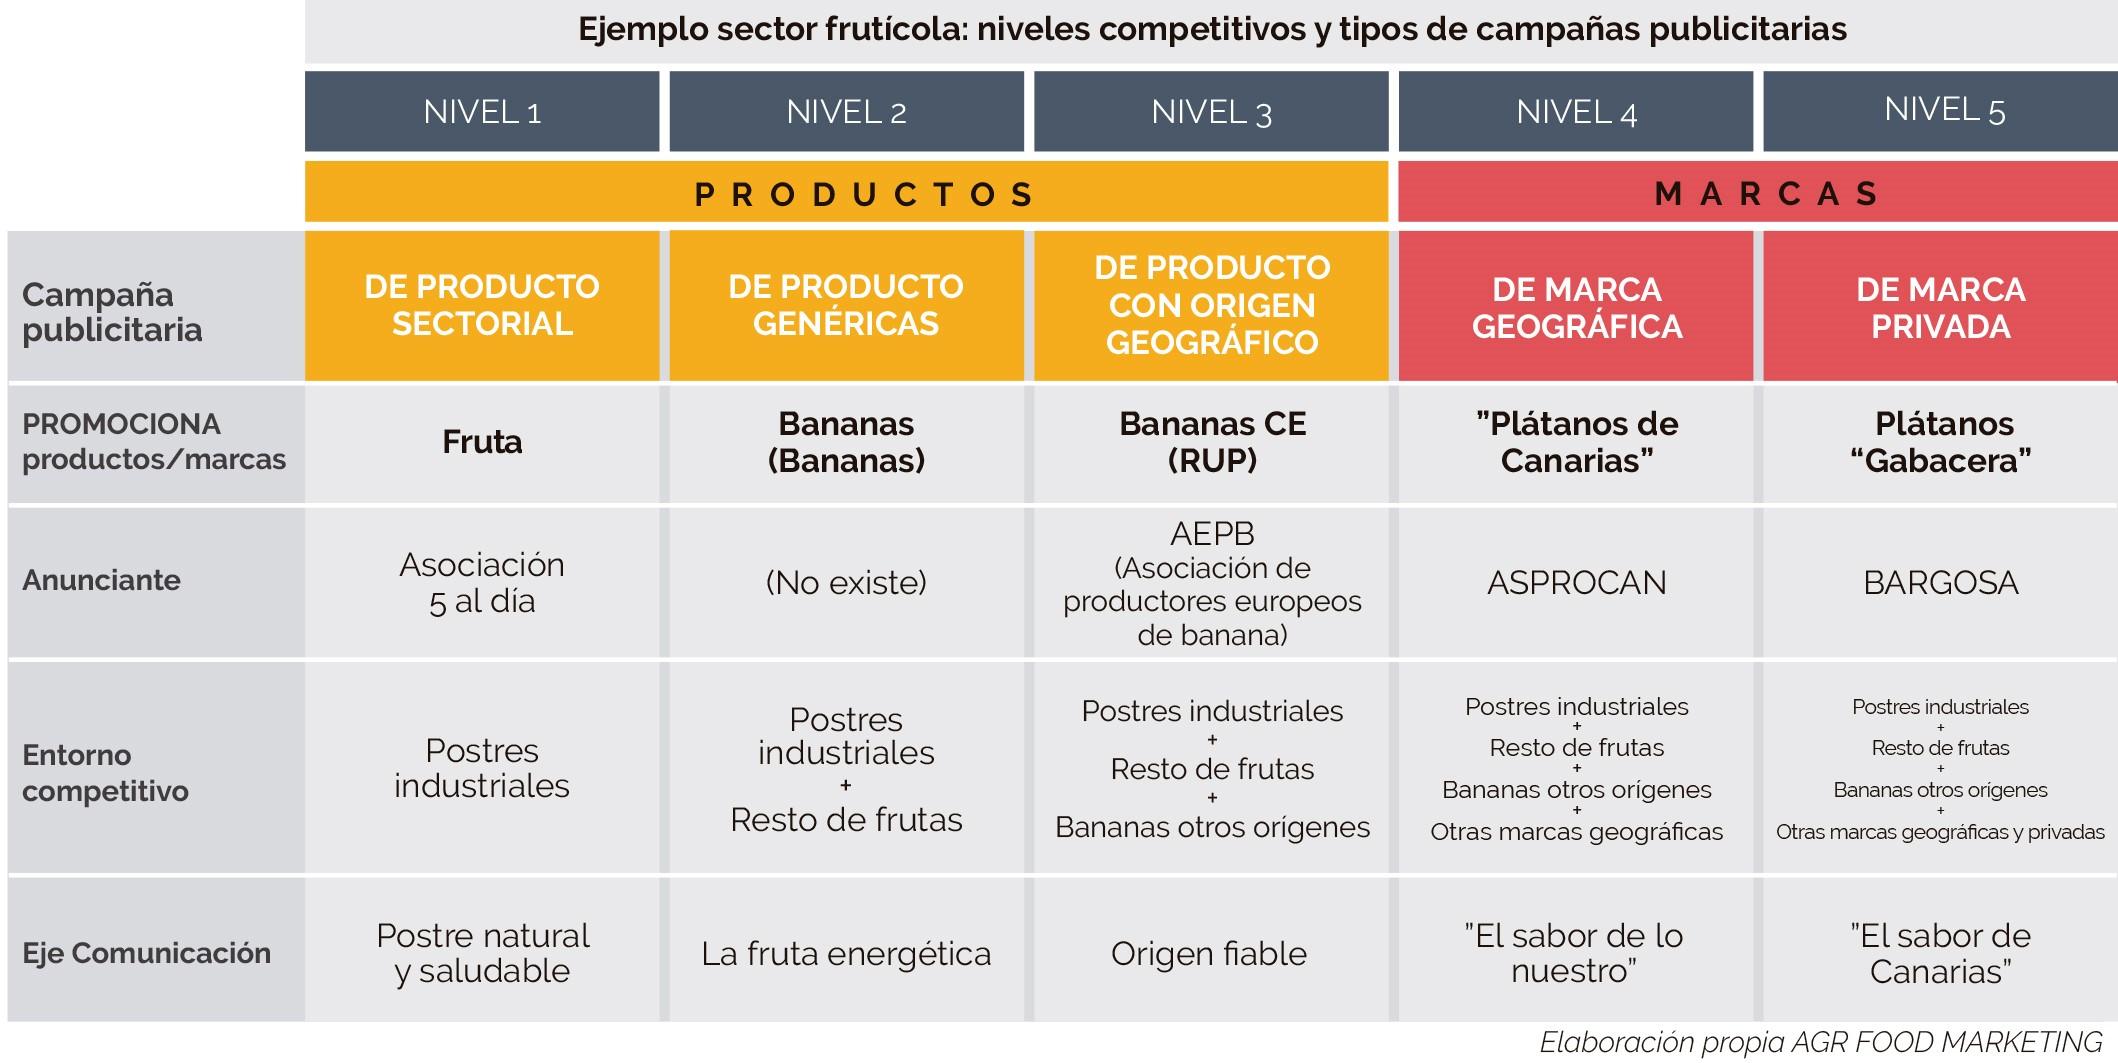 ejemplo-sector-fruticola